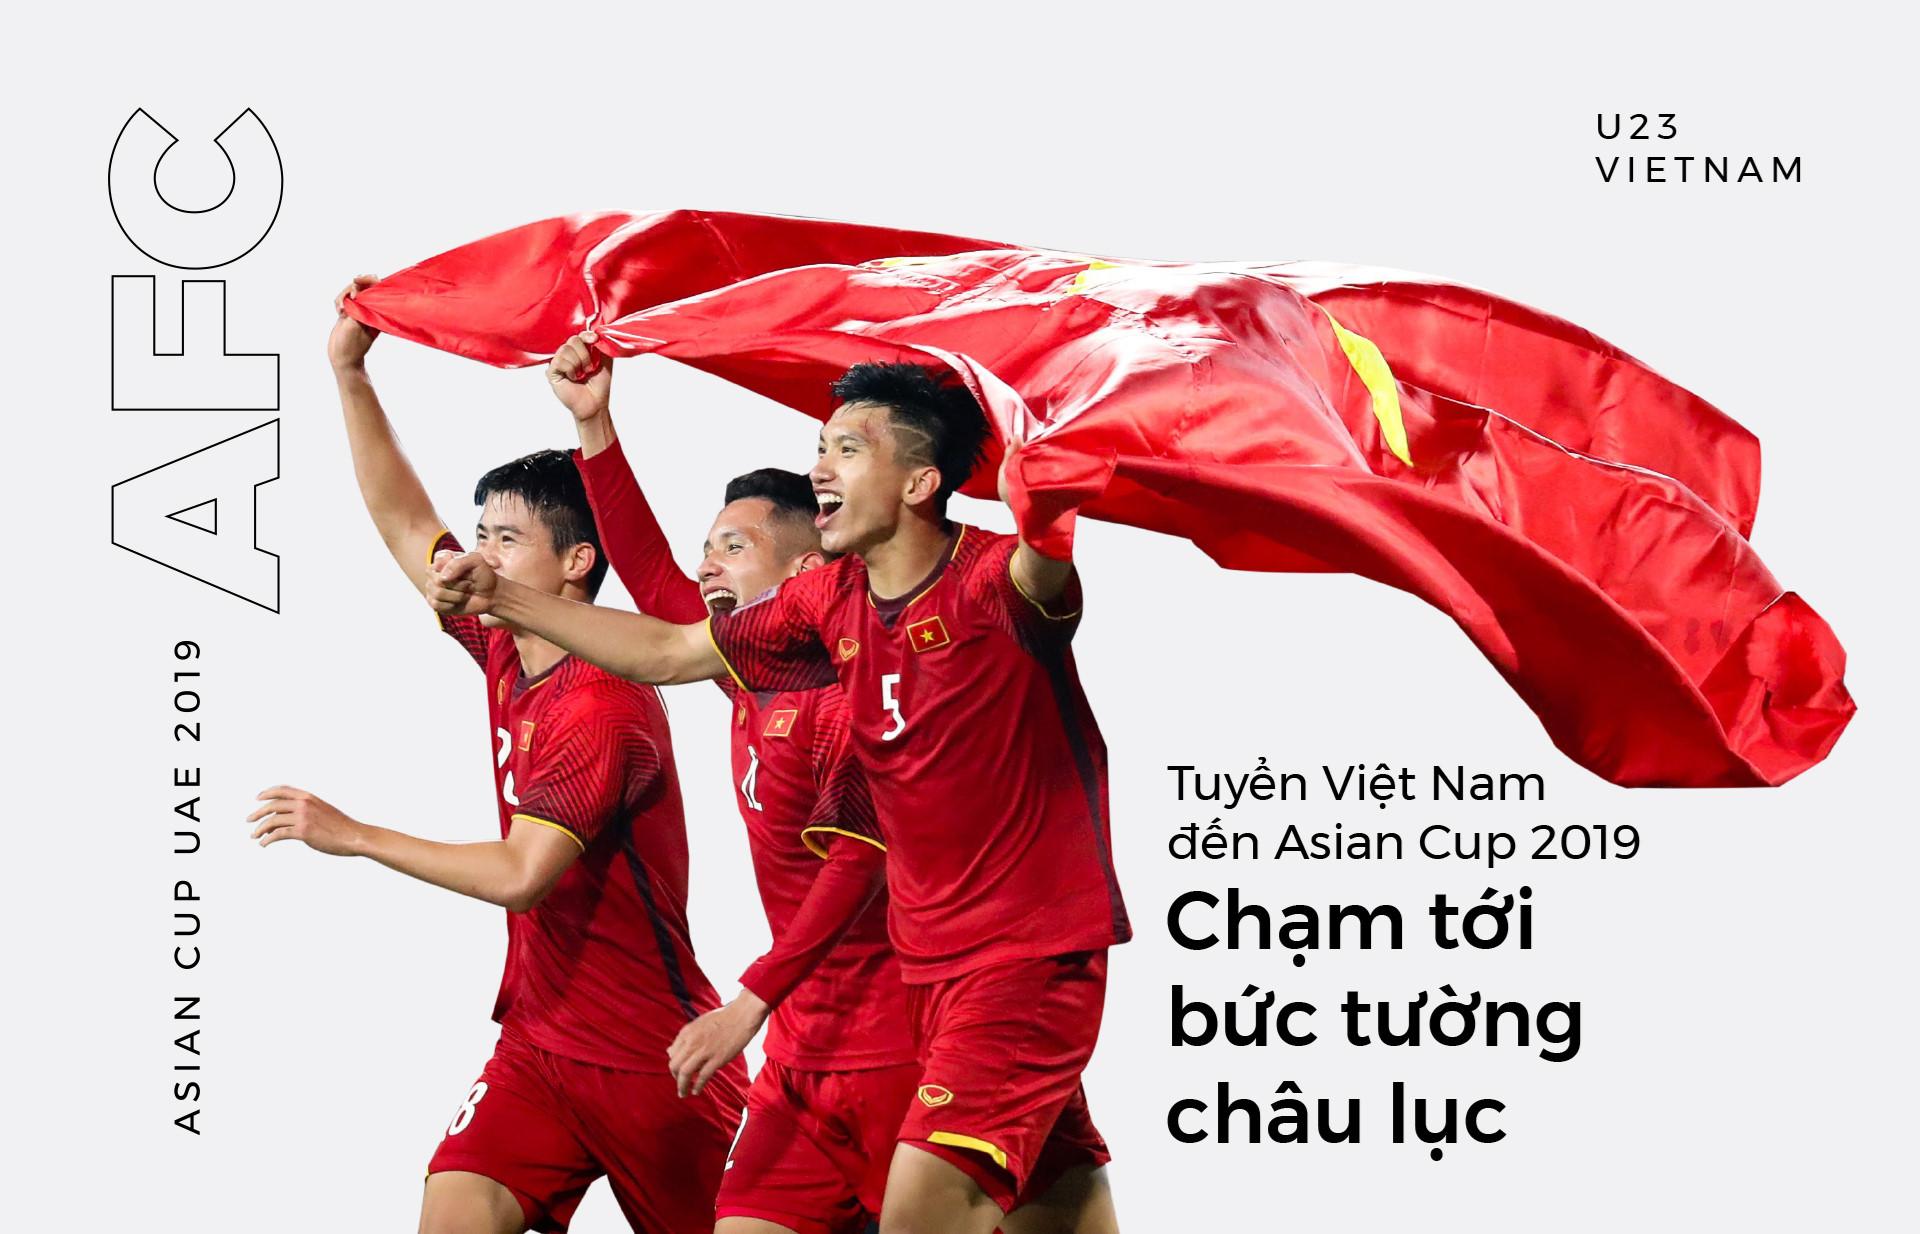 Đội tuyển Việt Nam chinh phục Asian 2019 tiến đến Olympic 2020